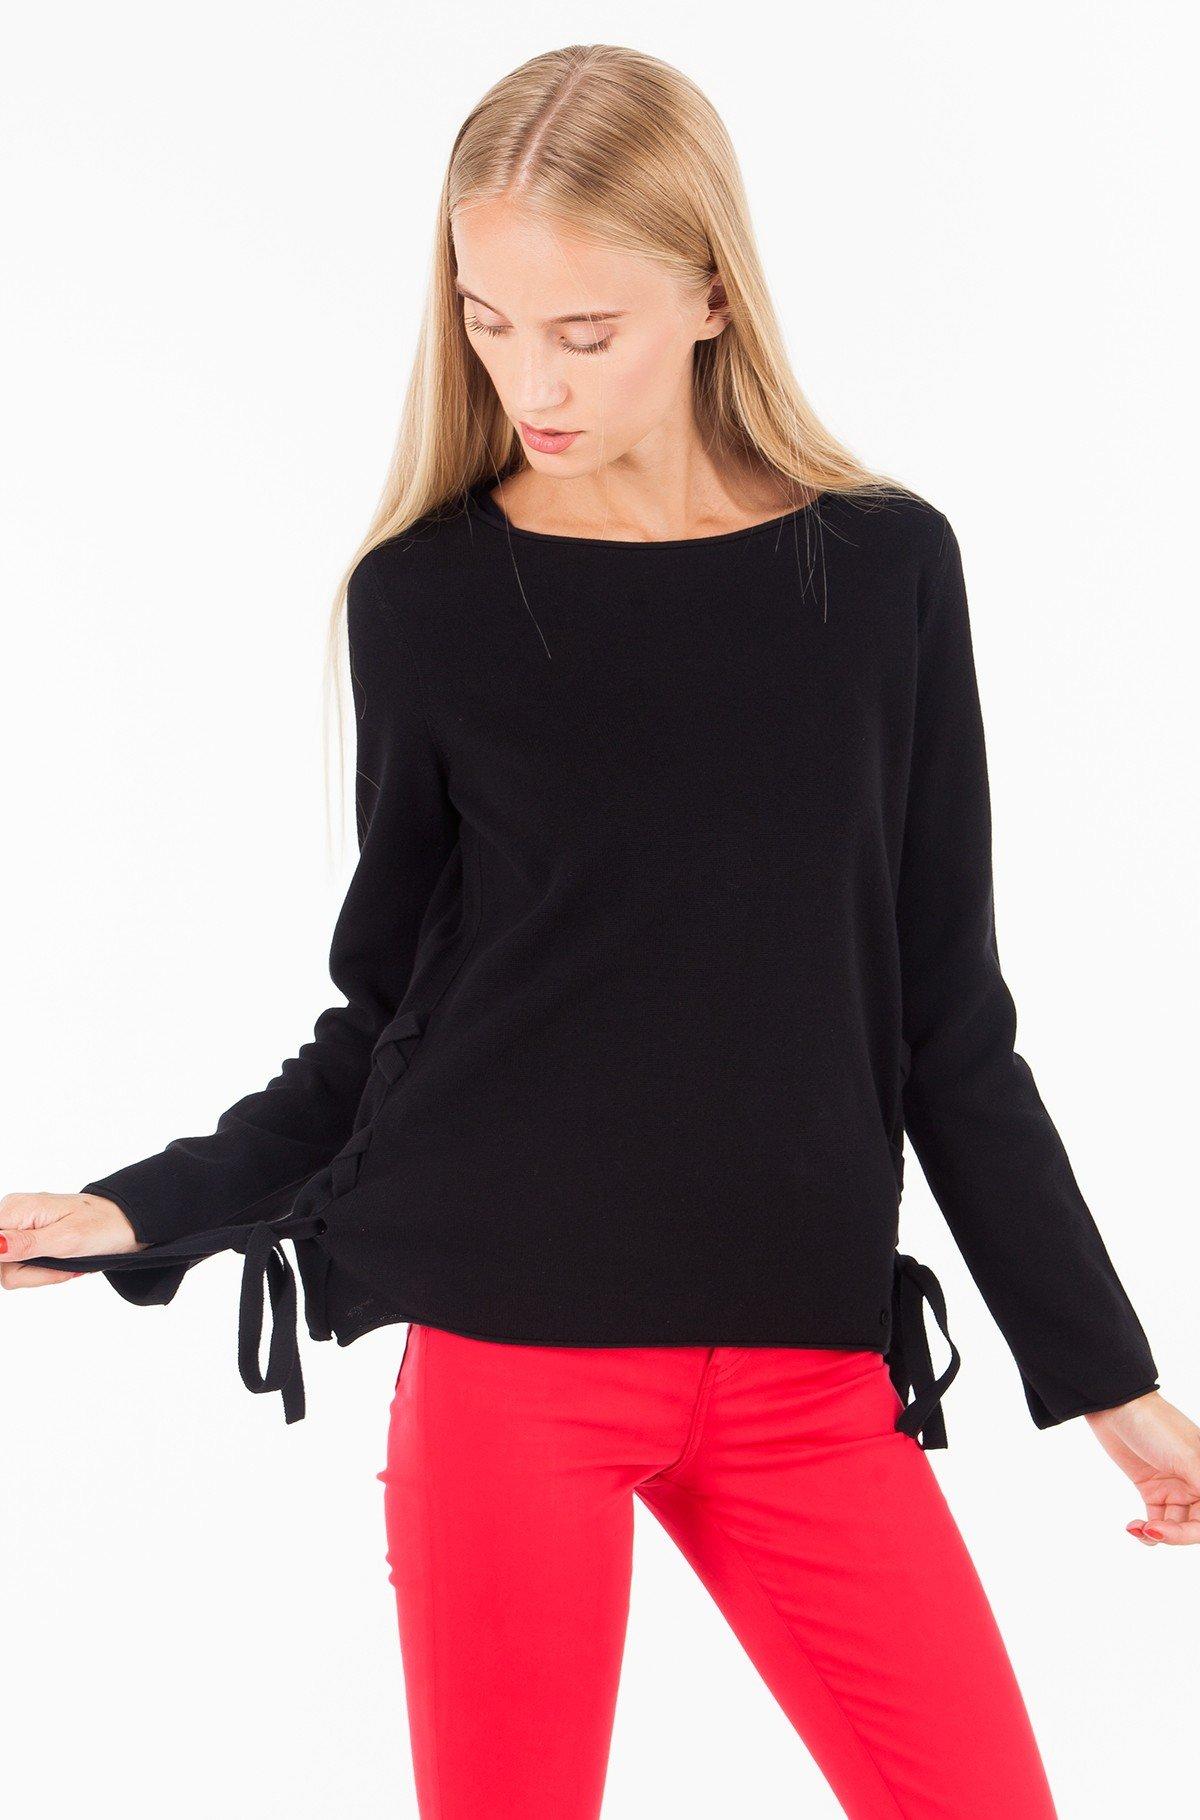 Knitwear 806 5223 60397-full-1